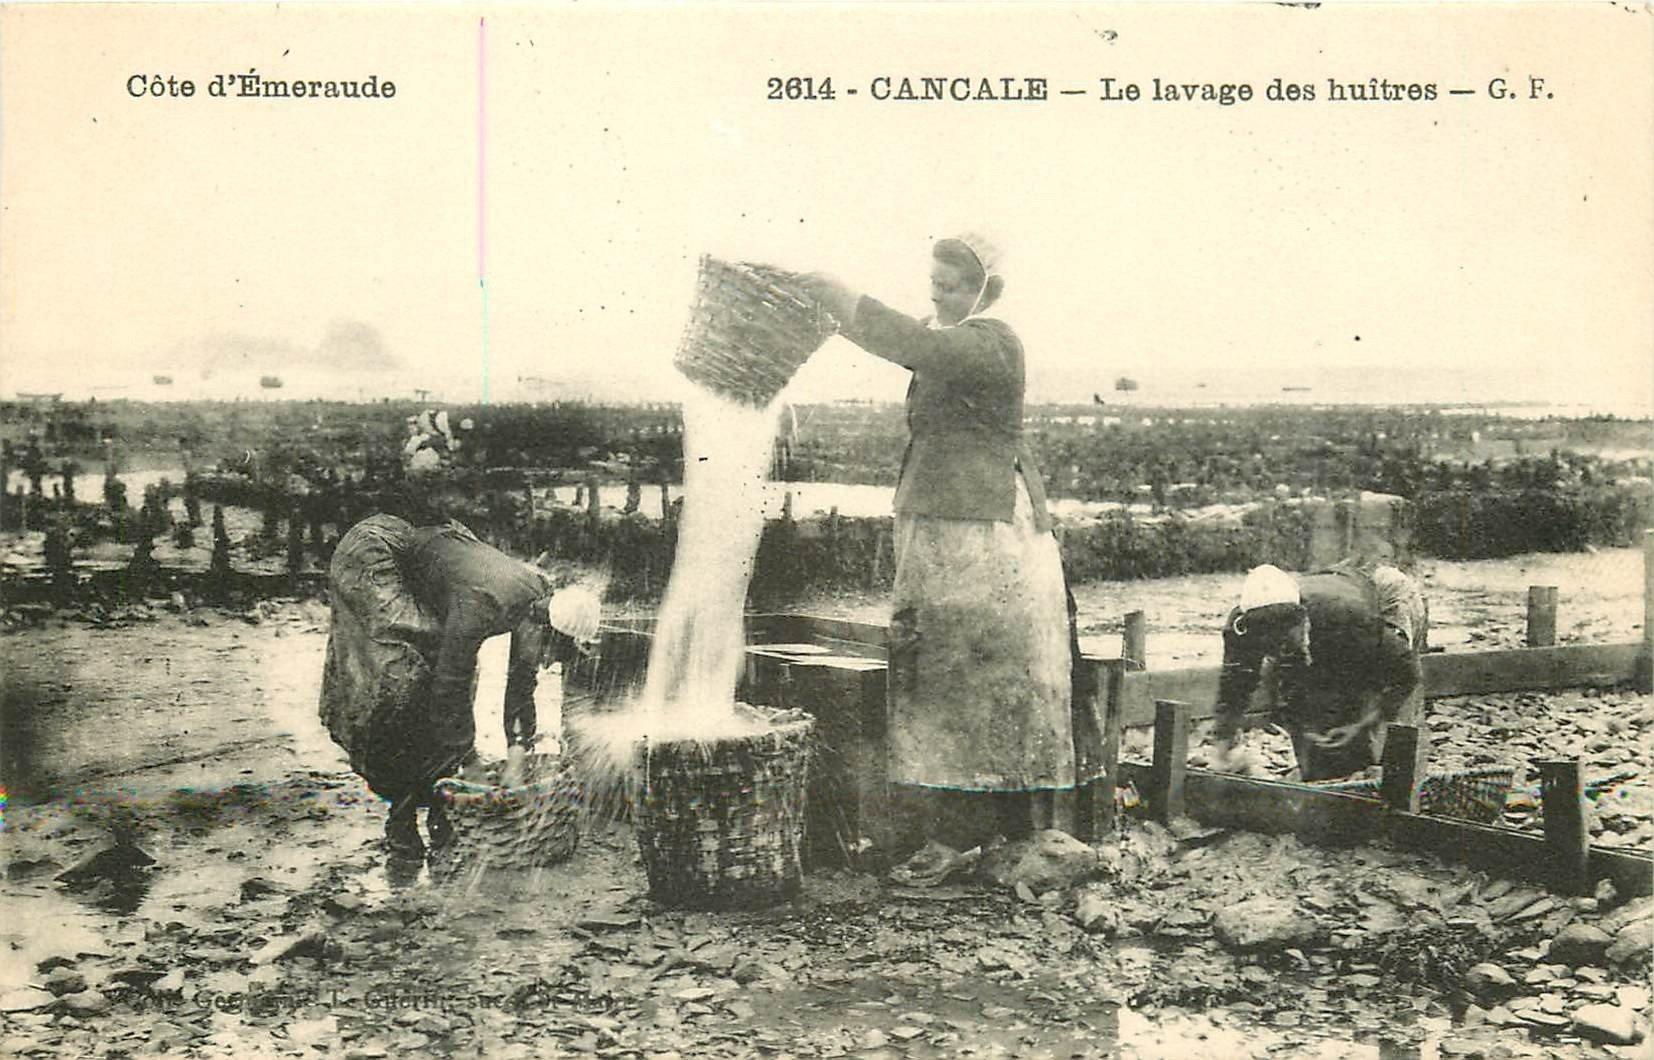 35 CANCALE. Le lavage des Huîtres. Métiers de la Mer Poissons et Crustacés bis